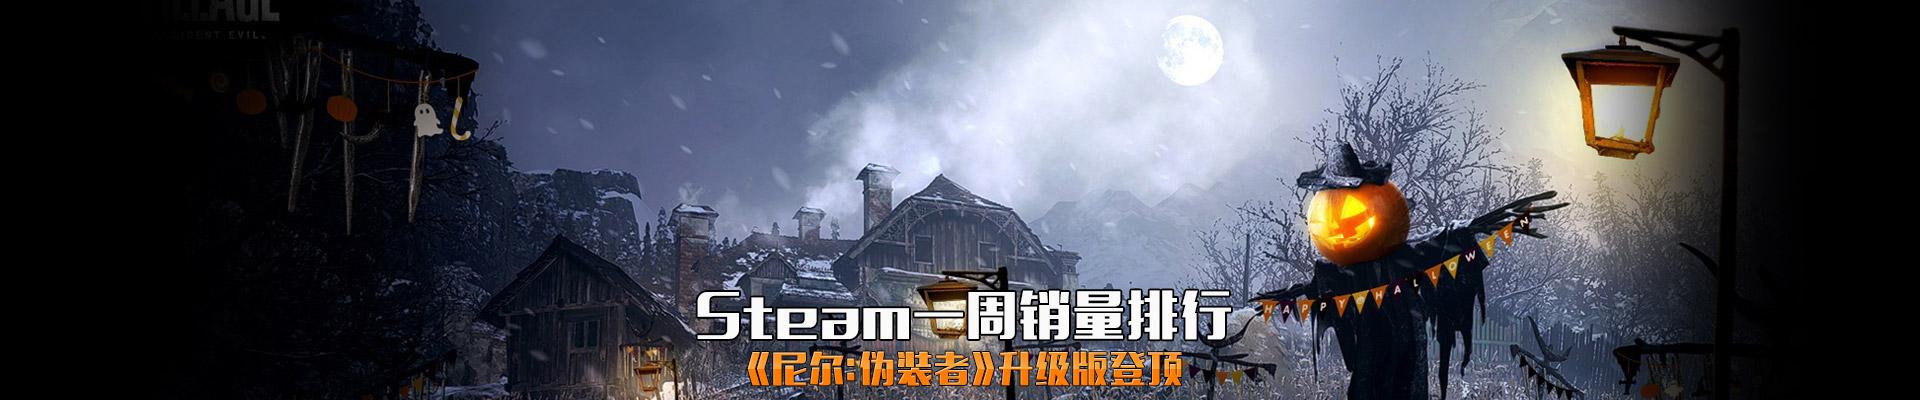 Steam一周销量排行榜:《生化危机8》登顶 《绿林侠盗》第二